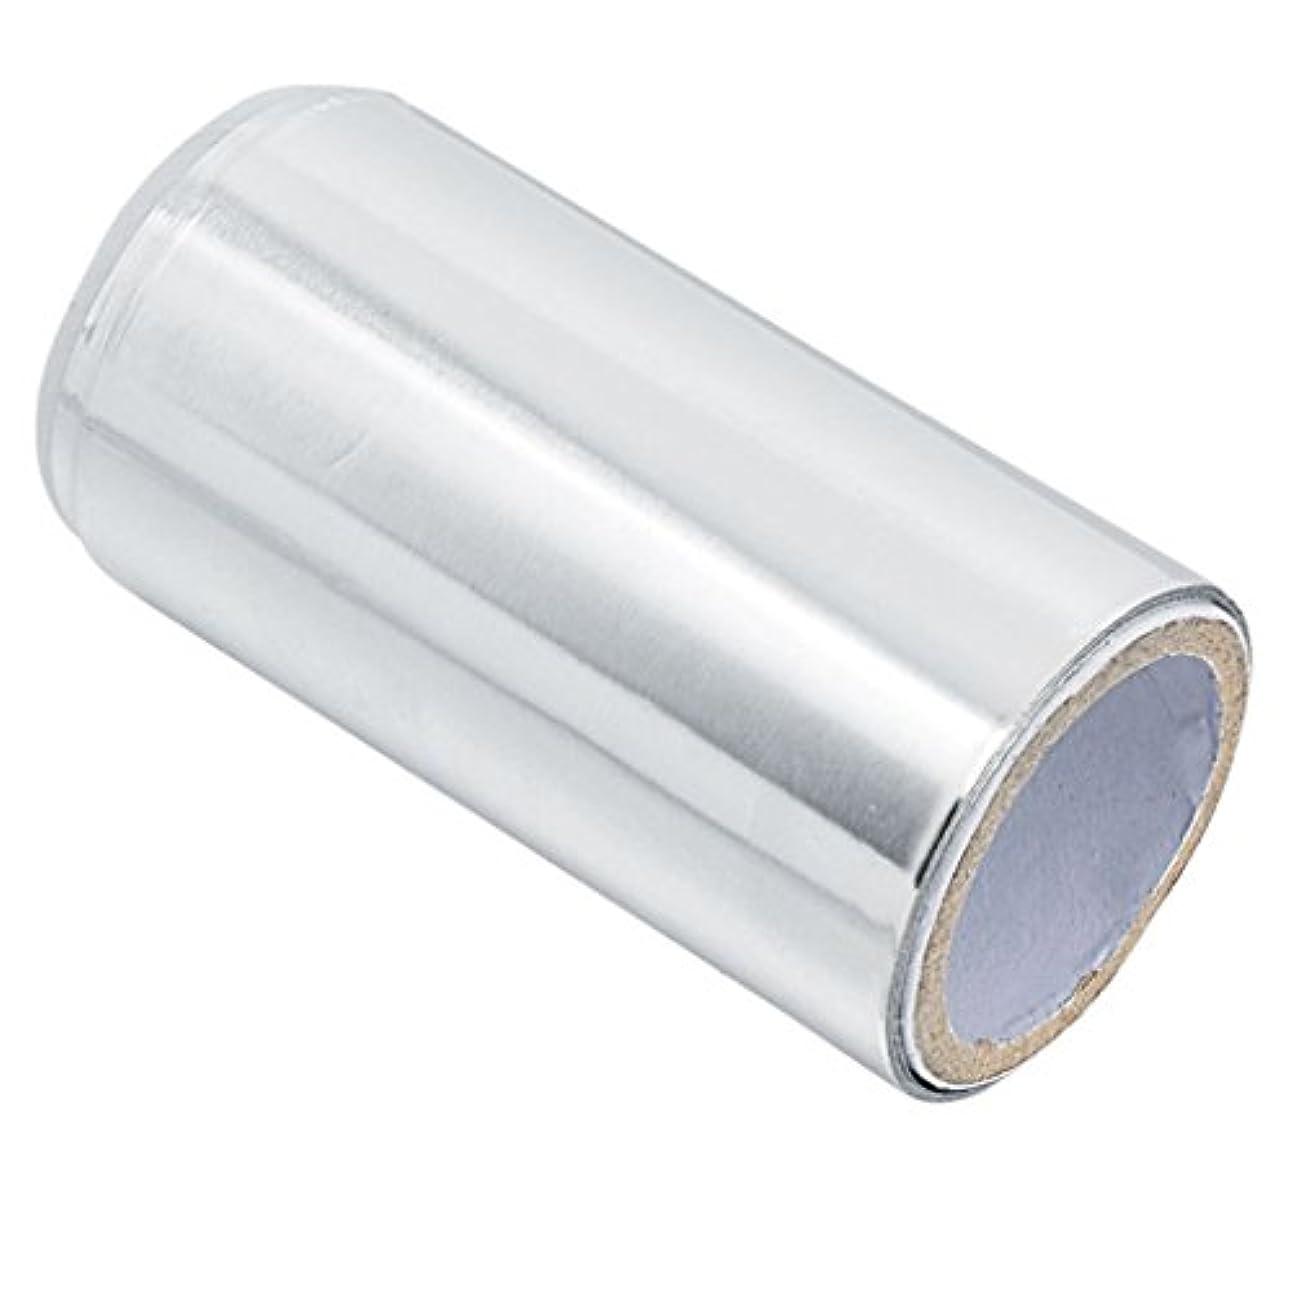 水族館アンプ評価するアルミニウム ヘア/ネイル用 錫箔紙 ネイルアート 爪化粧用具 クリーナーツール ジェル除却 5m